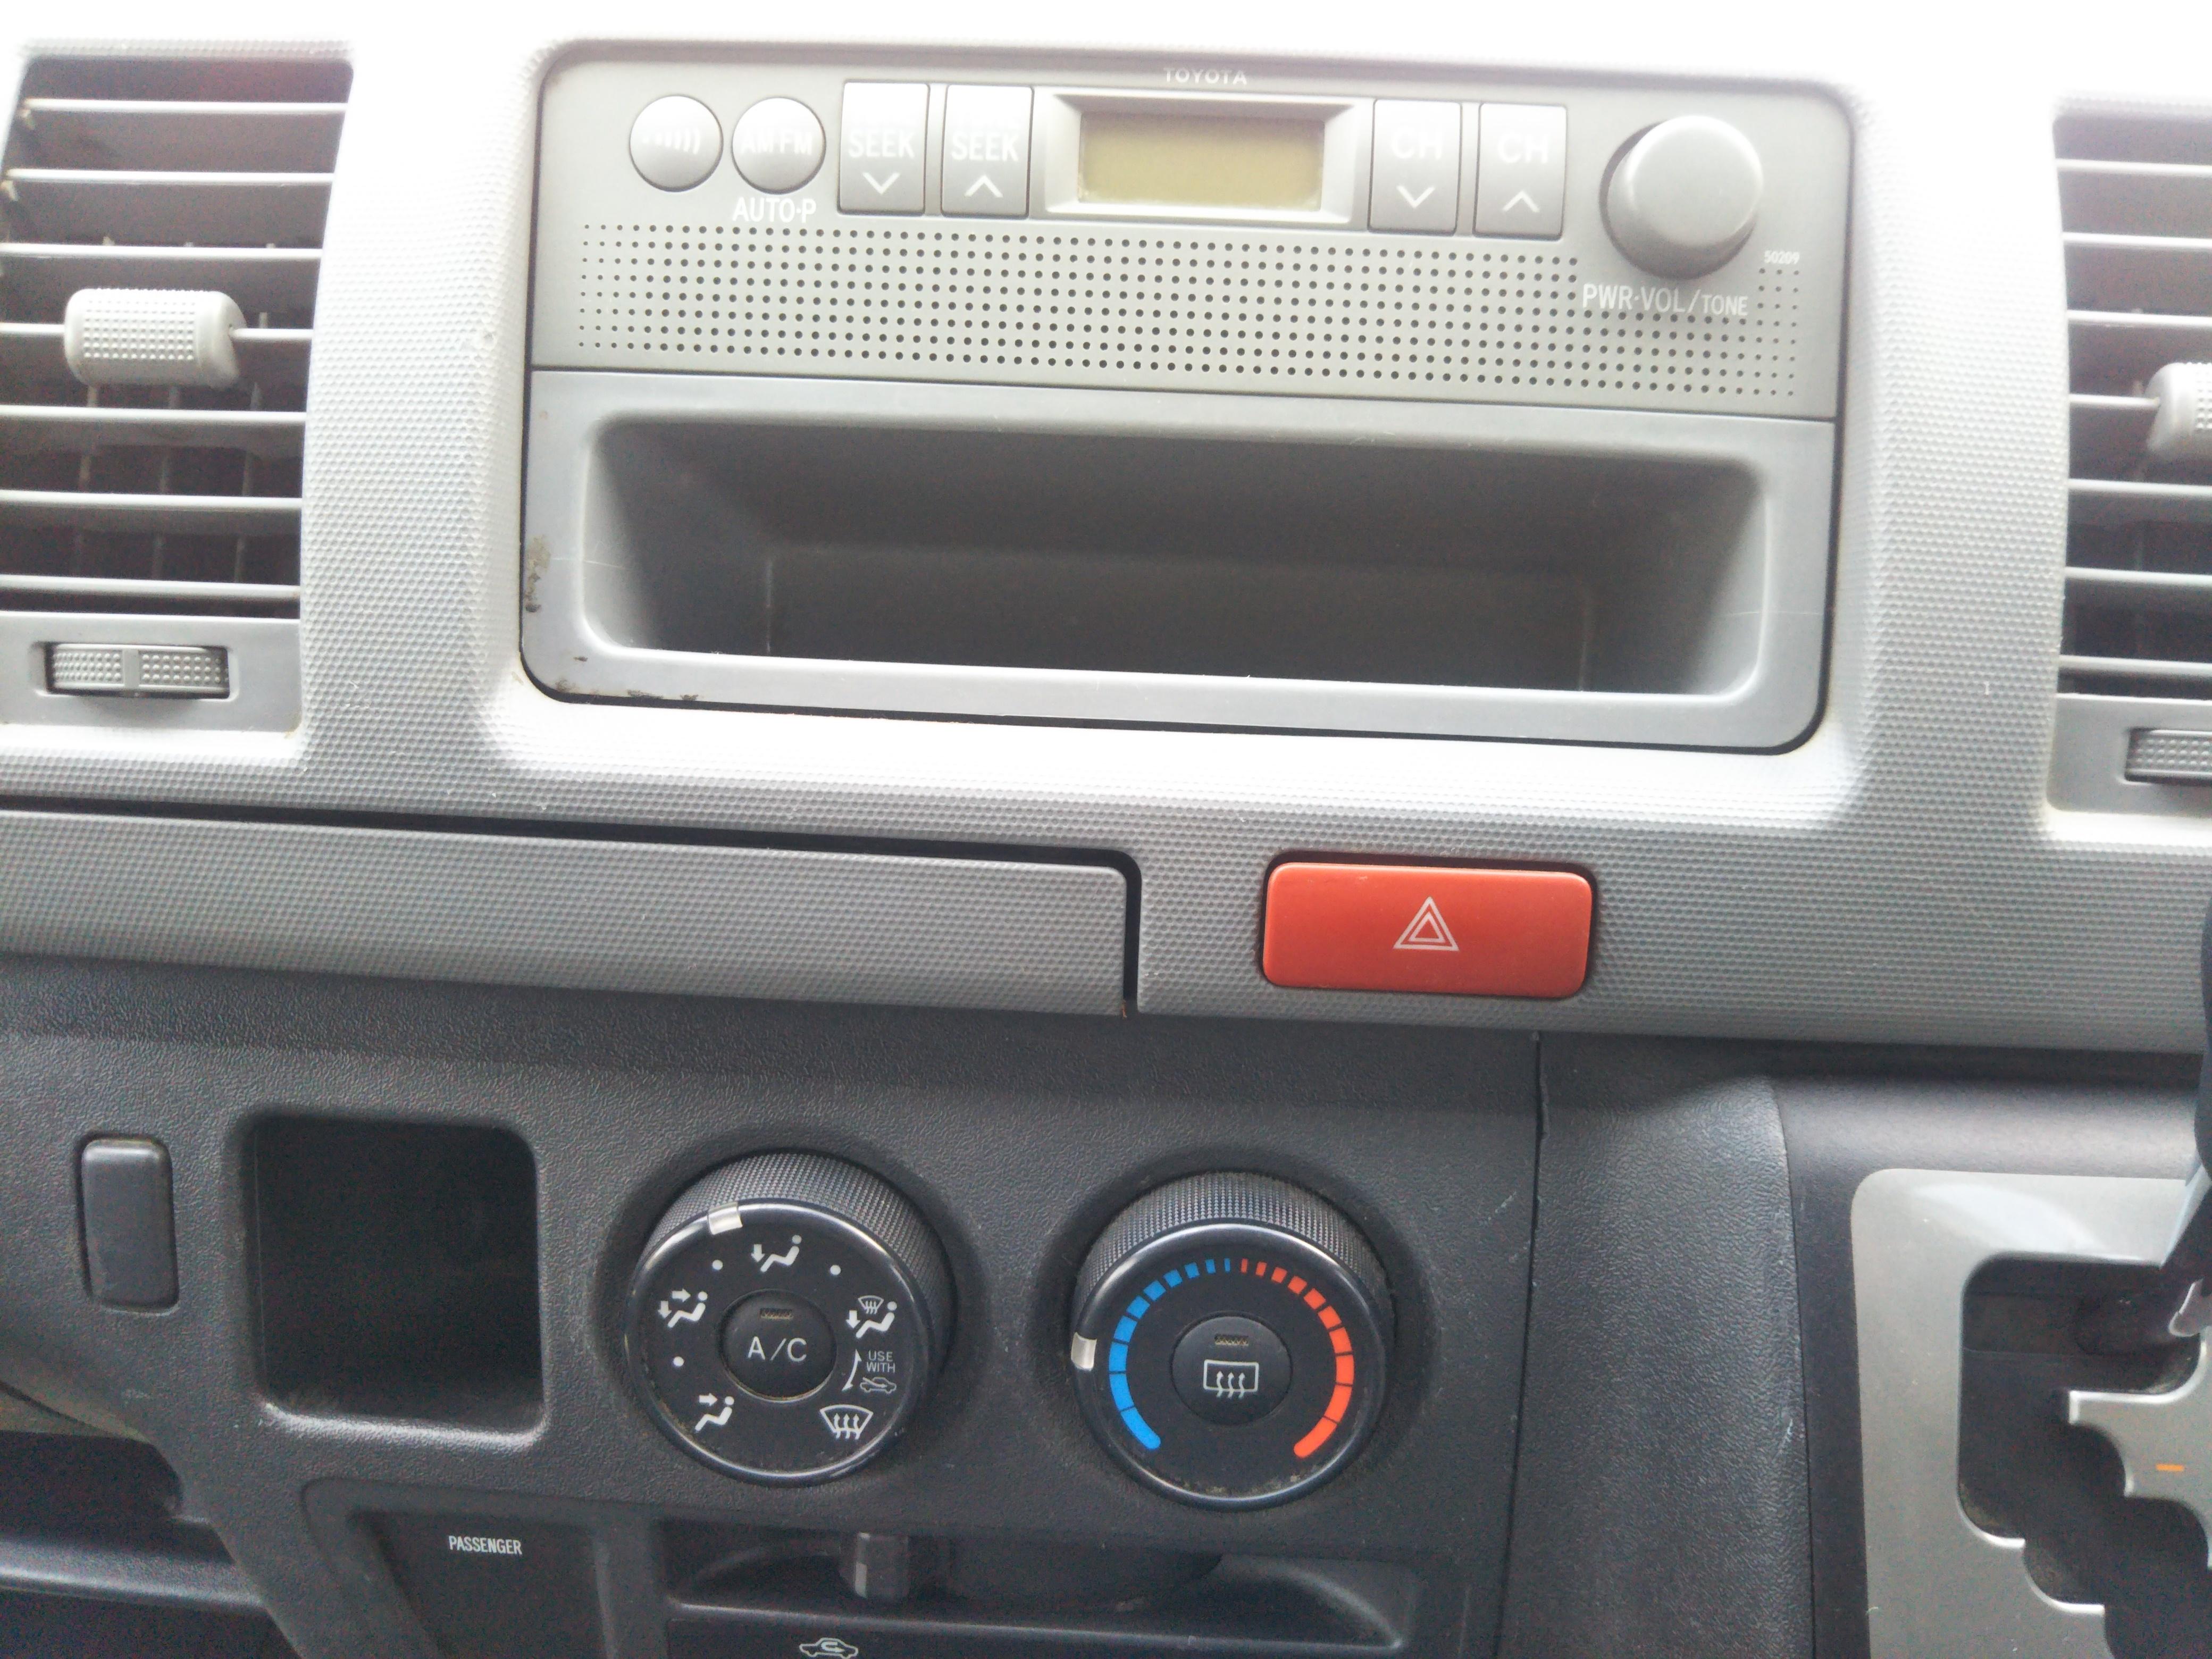 トヨタハイエースバン 5ドアロングGLパッケージの車両写真 その6